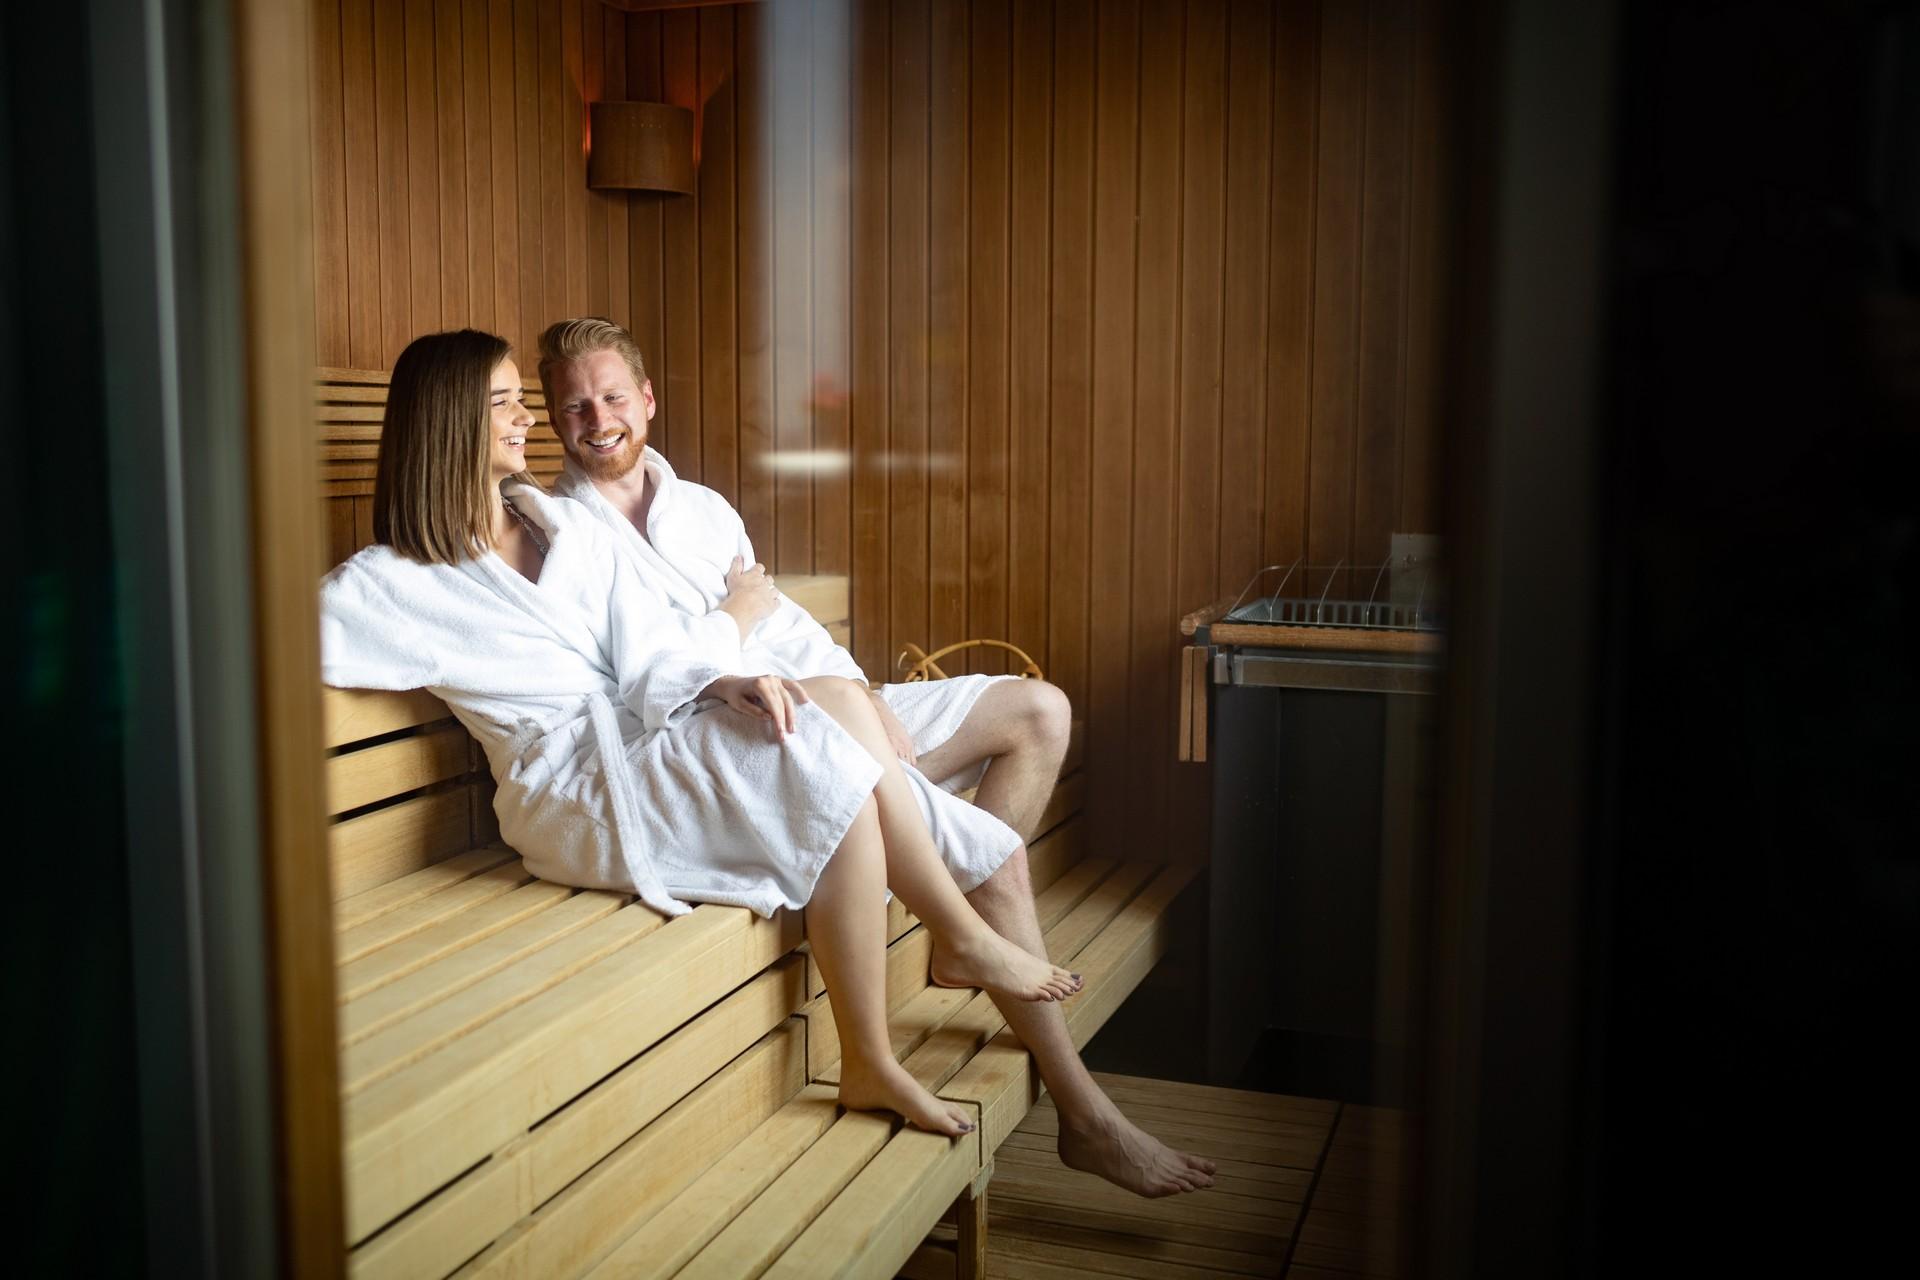 hlavni ucinky sauny na nase zdravi